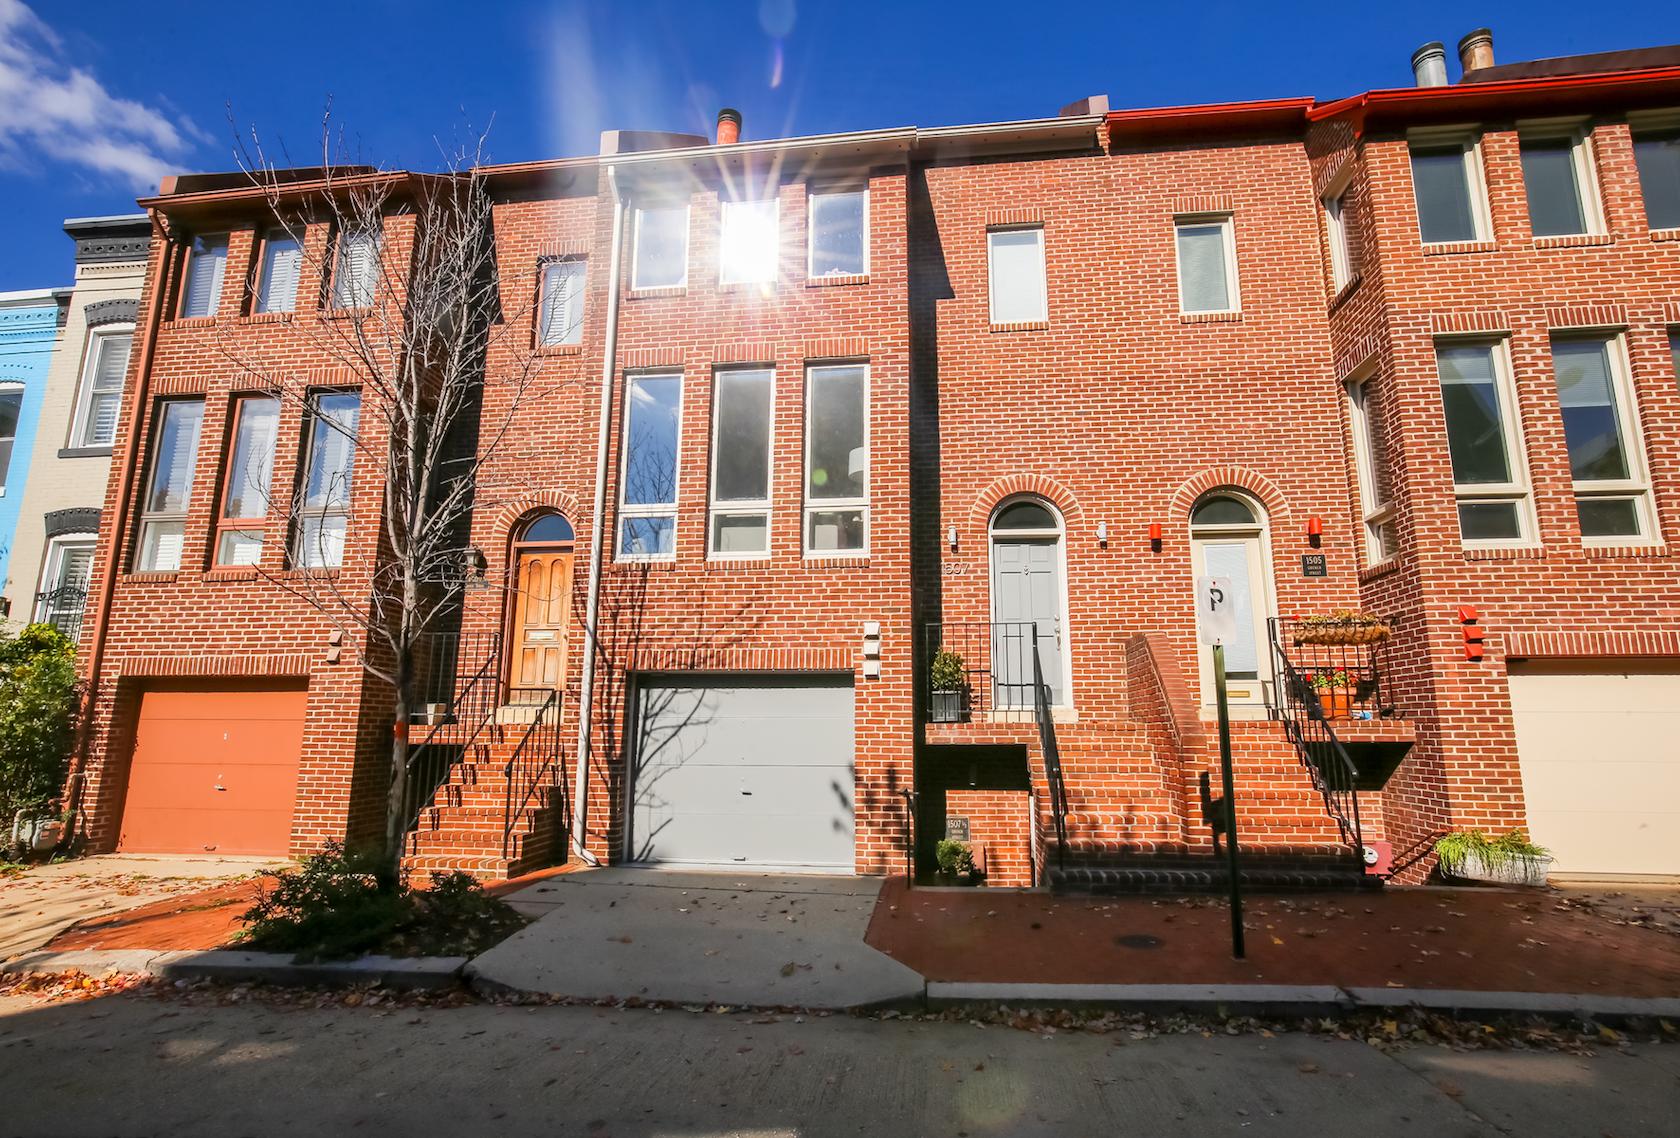 联栋屋 为 销售 在 Logan Circle 1507 Church Street NW 华盛顿市, 哥伦比亚特区, 20005 美国